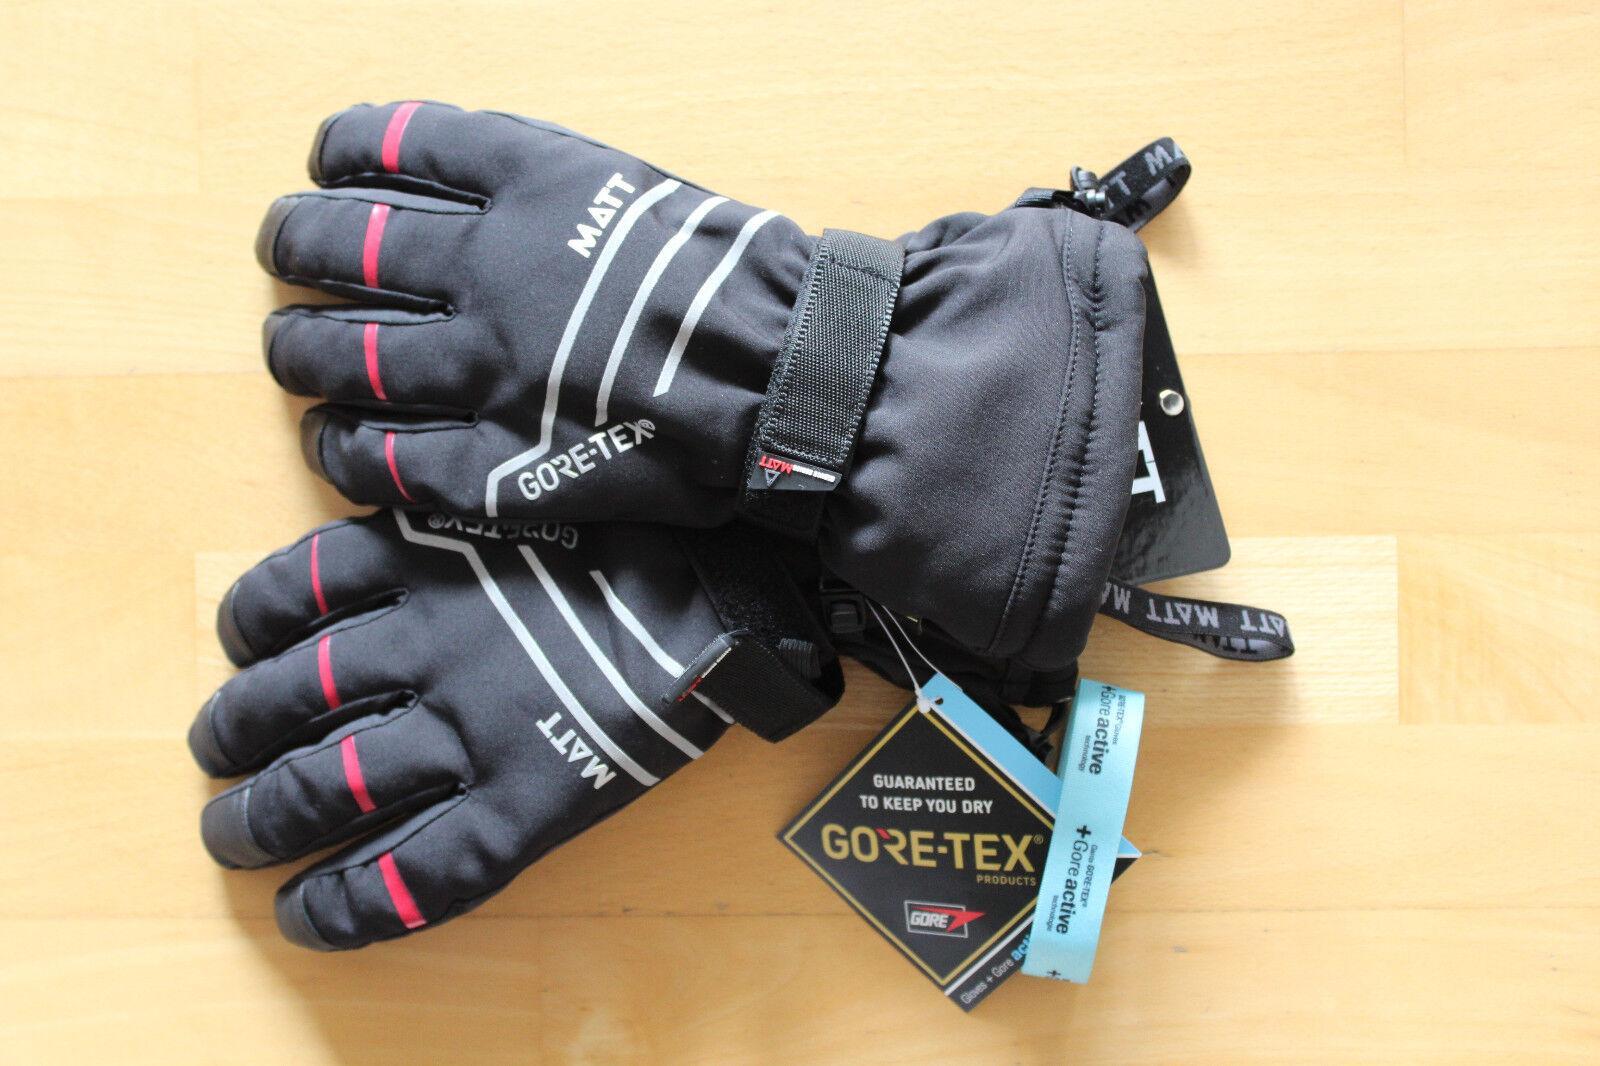 MATT GORE-TEX Ski Handschuhe NEW NEW NEW ROCCO ACTIVE GORE GLOVES Fingerhandschuhe fdec9a